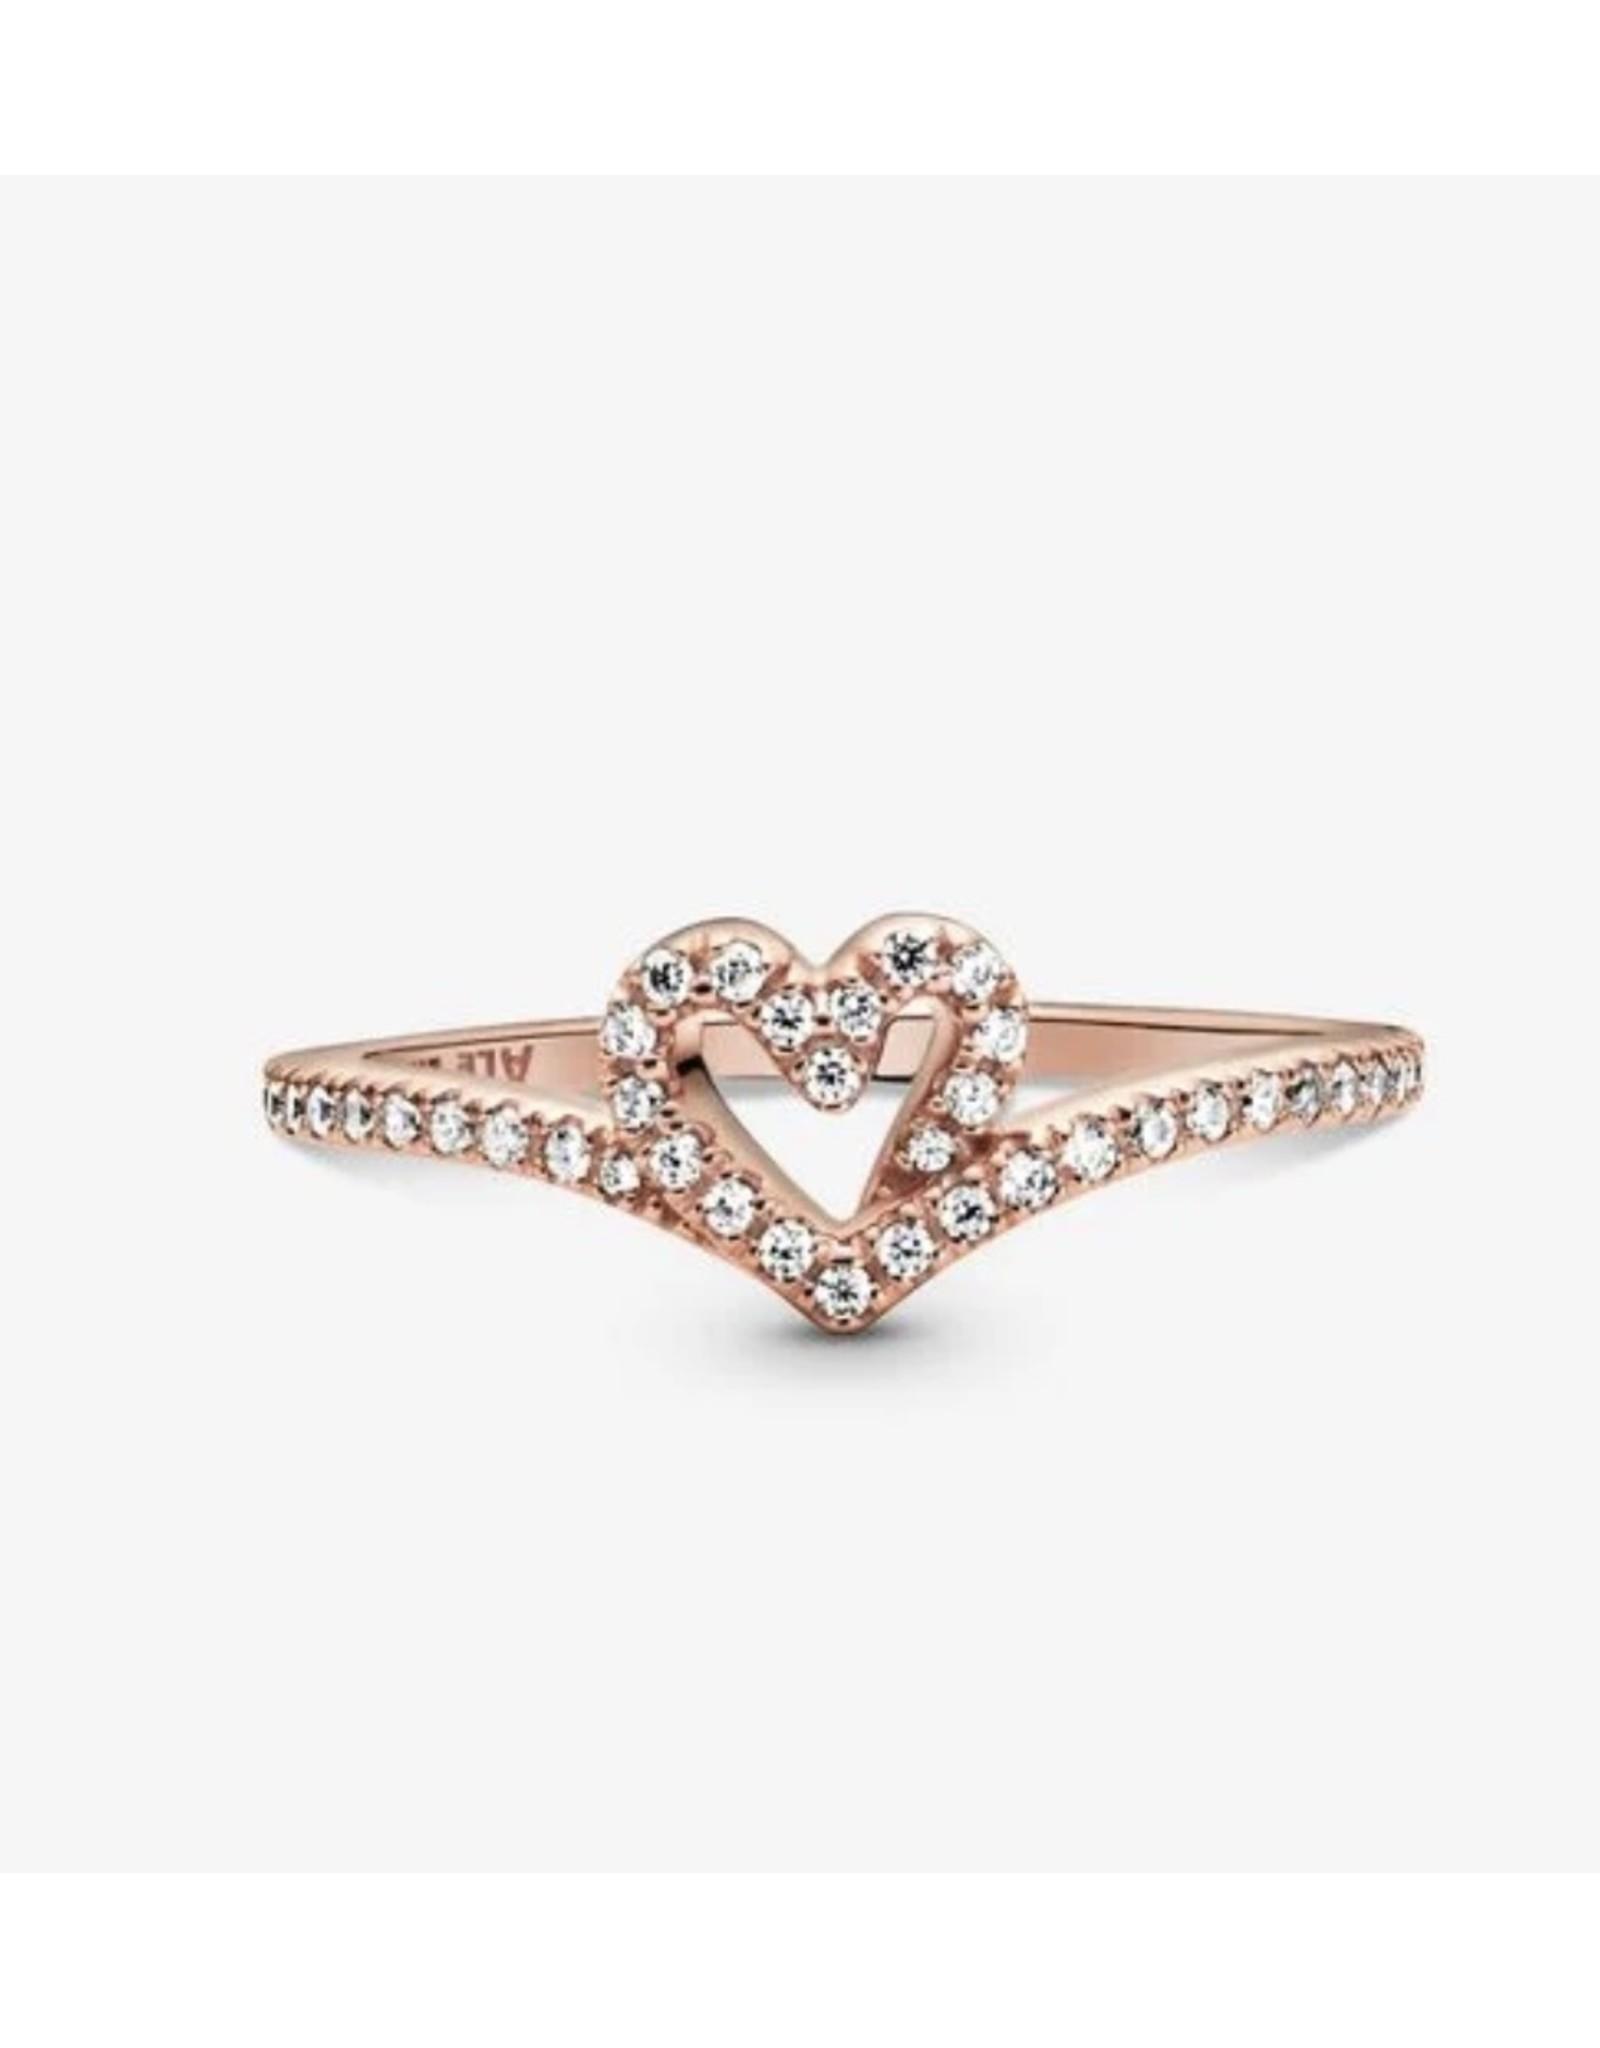 Pandora Pandora Ring,189302C01, Sparkling Wishbone Heart, Rose Gold